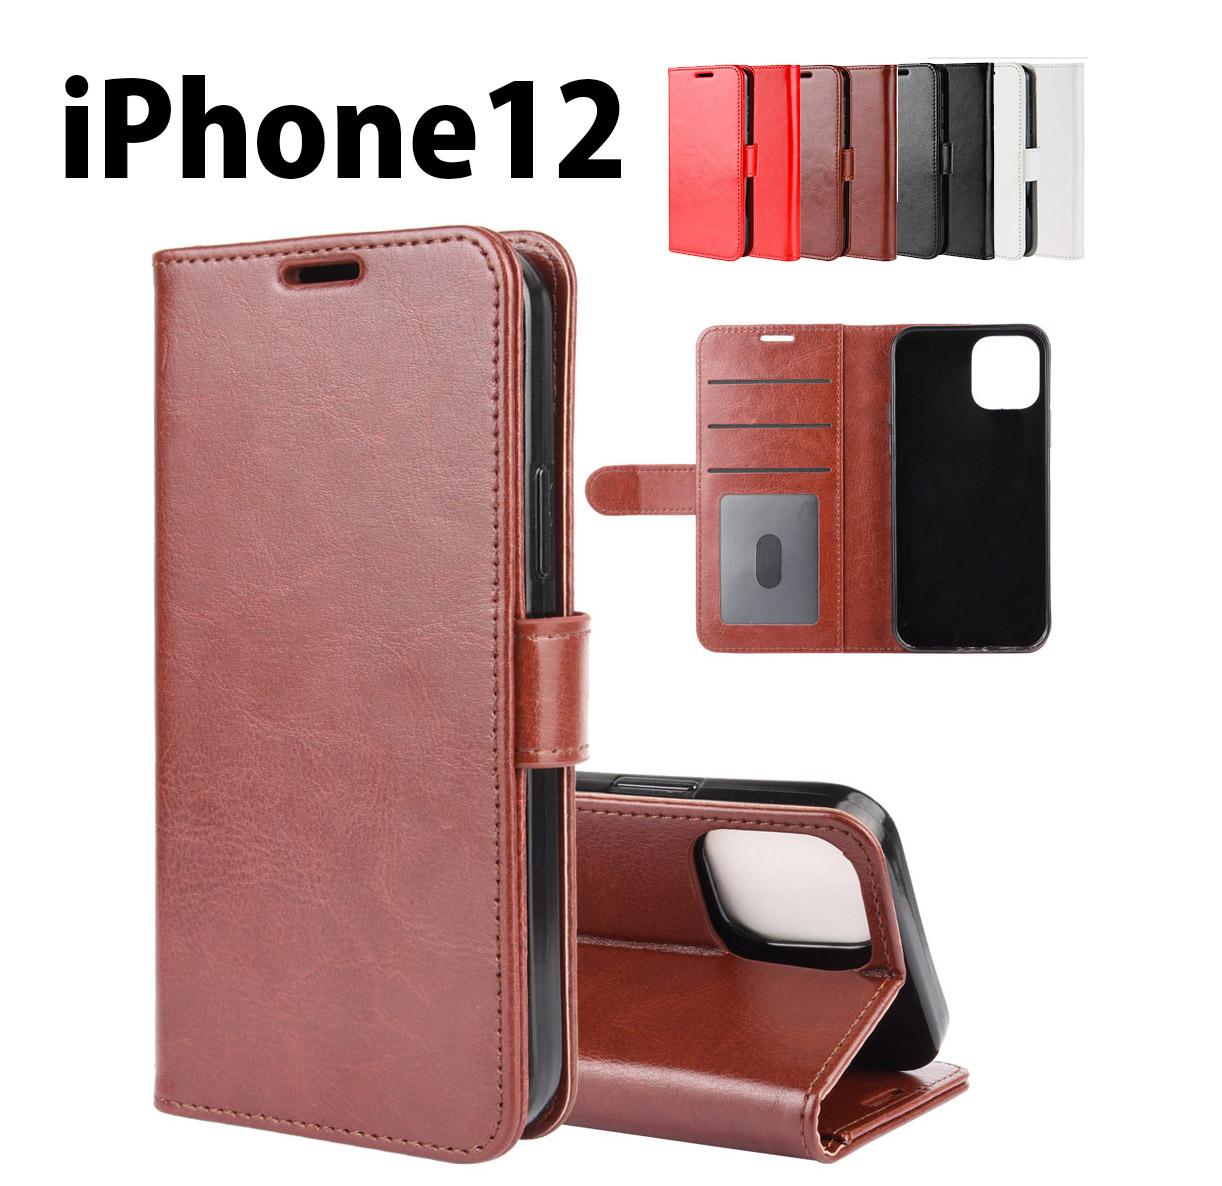 【iPhone新機種対応】iPhone 12 アイフォン スマホケース iphoneケース ベーシック 手帳タイプ PU